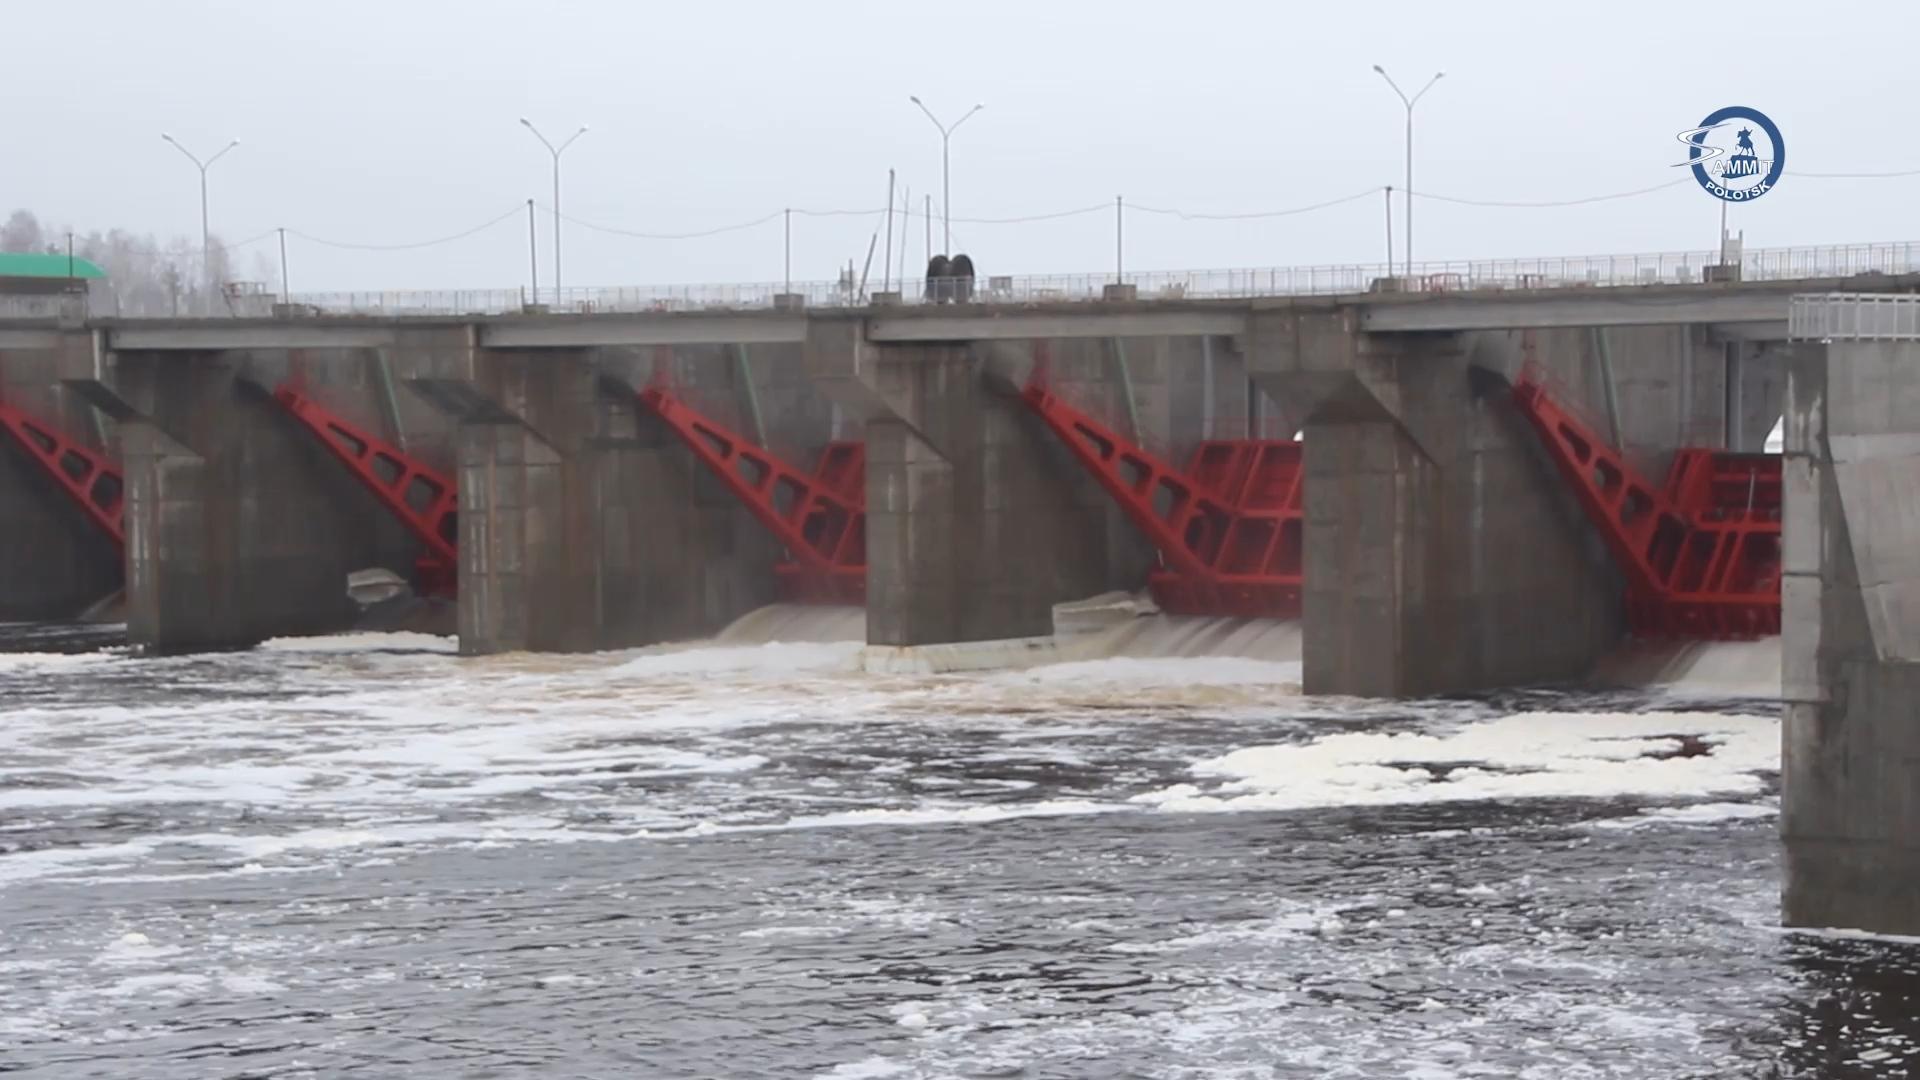 Полоцкая ГЭС выдала первую мощность в сеть. Эксклюзивный репортаж с гидроэлектростанции